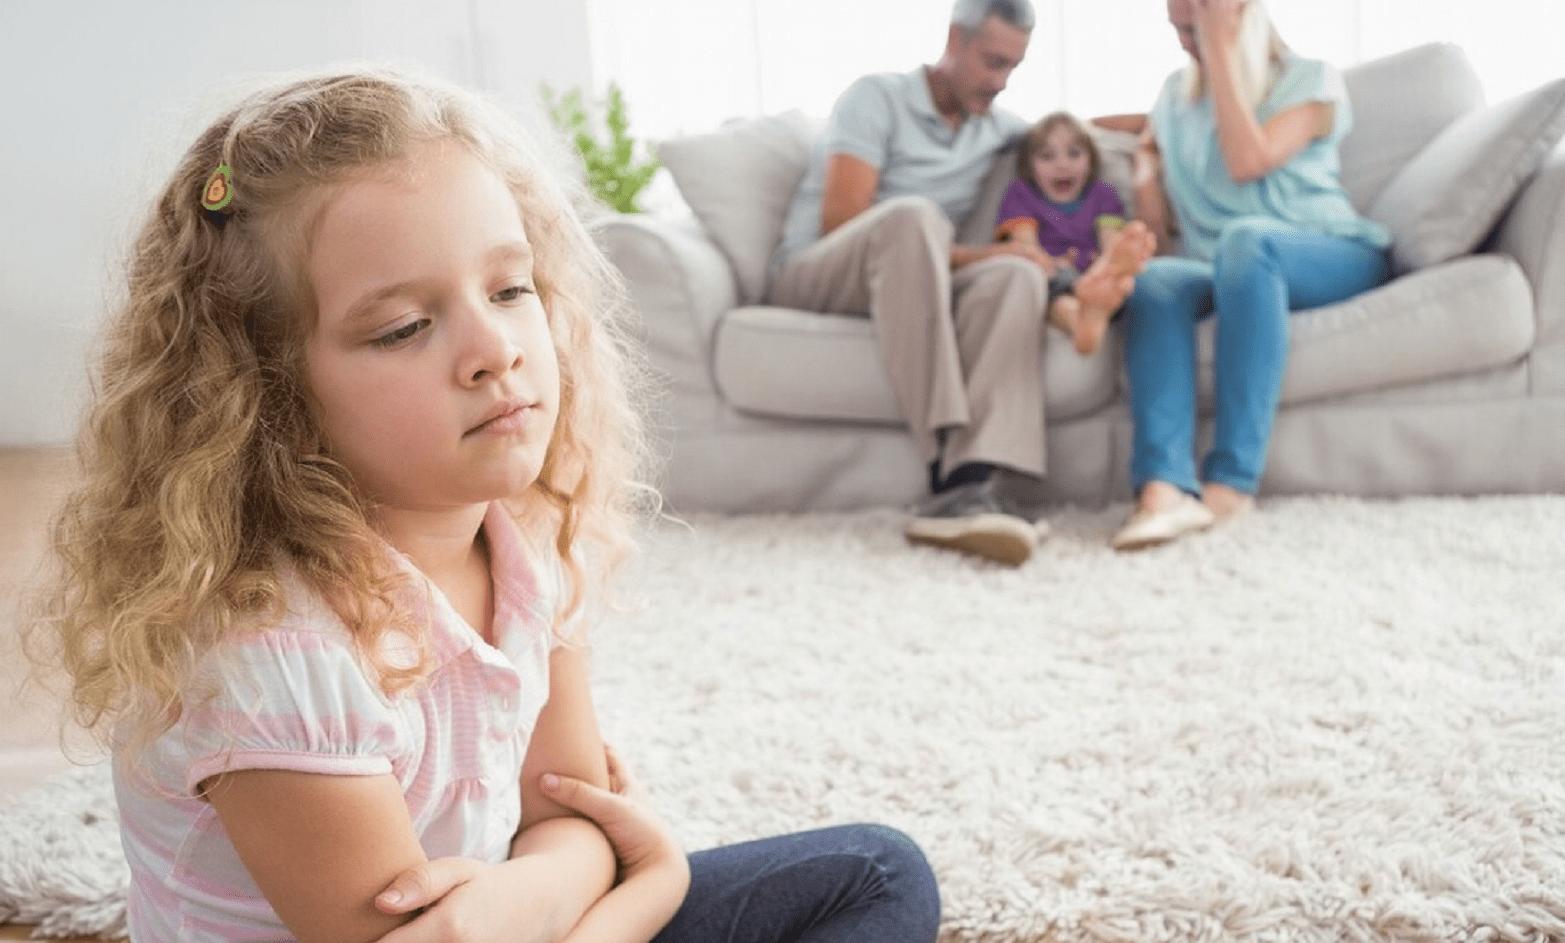 为什么爸爸总是偏心妹妹 偏心的父母让女儿心寒